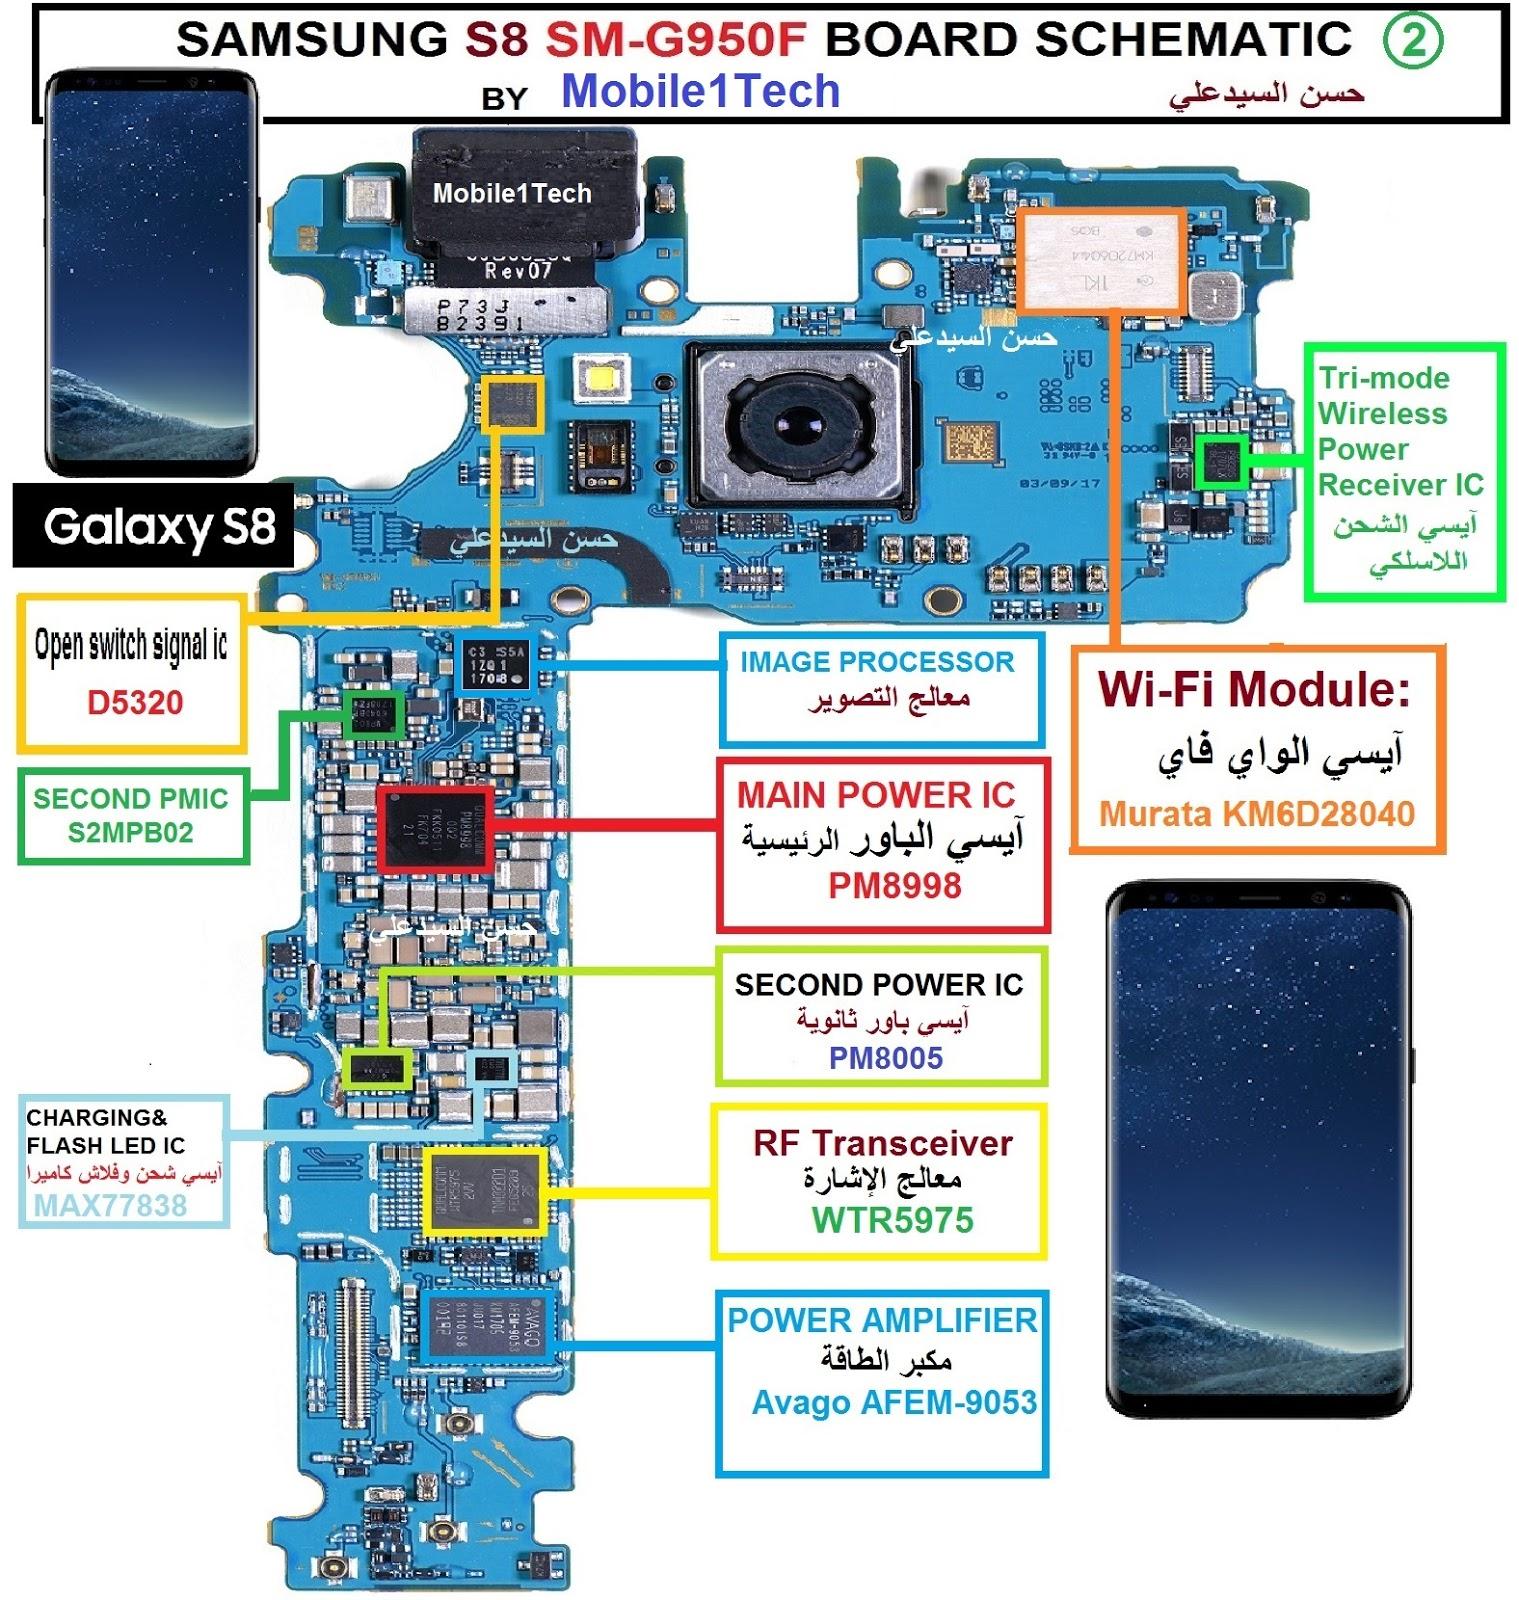 samsung s8 sm g950f board schematic s8 [ 1519 x 1600 Pixel ]